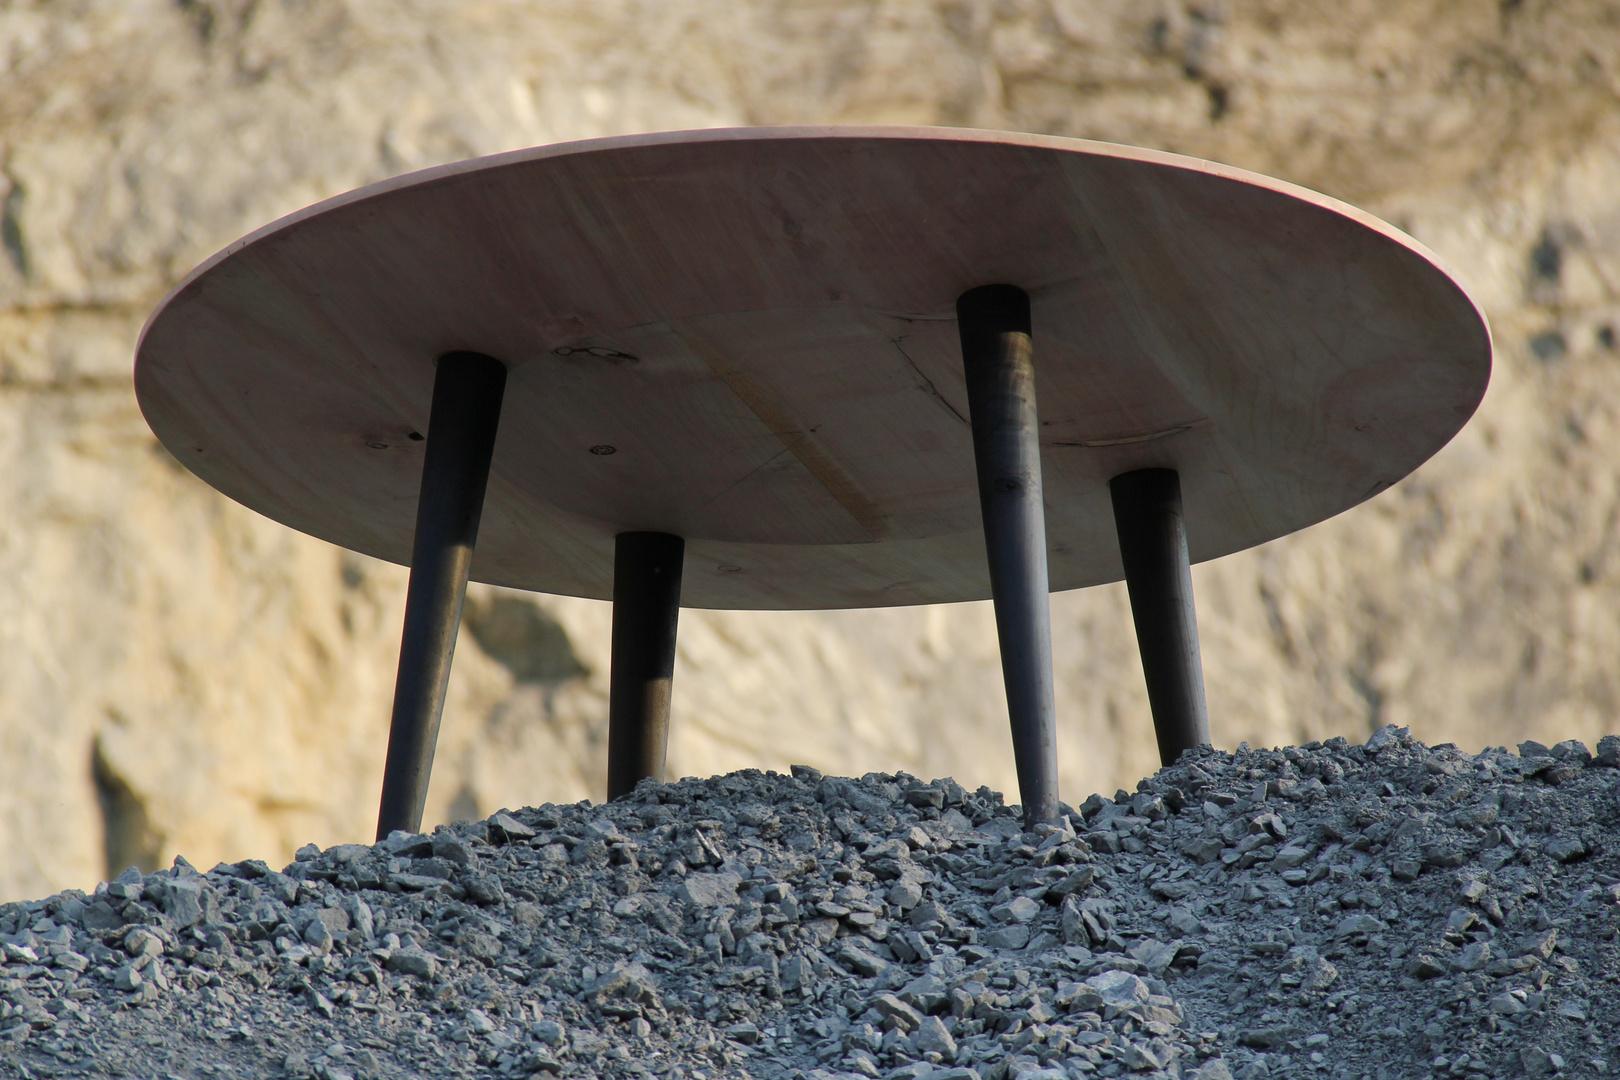 Runder Tisch von unten